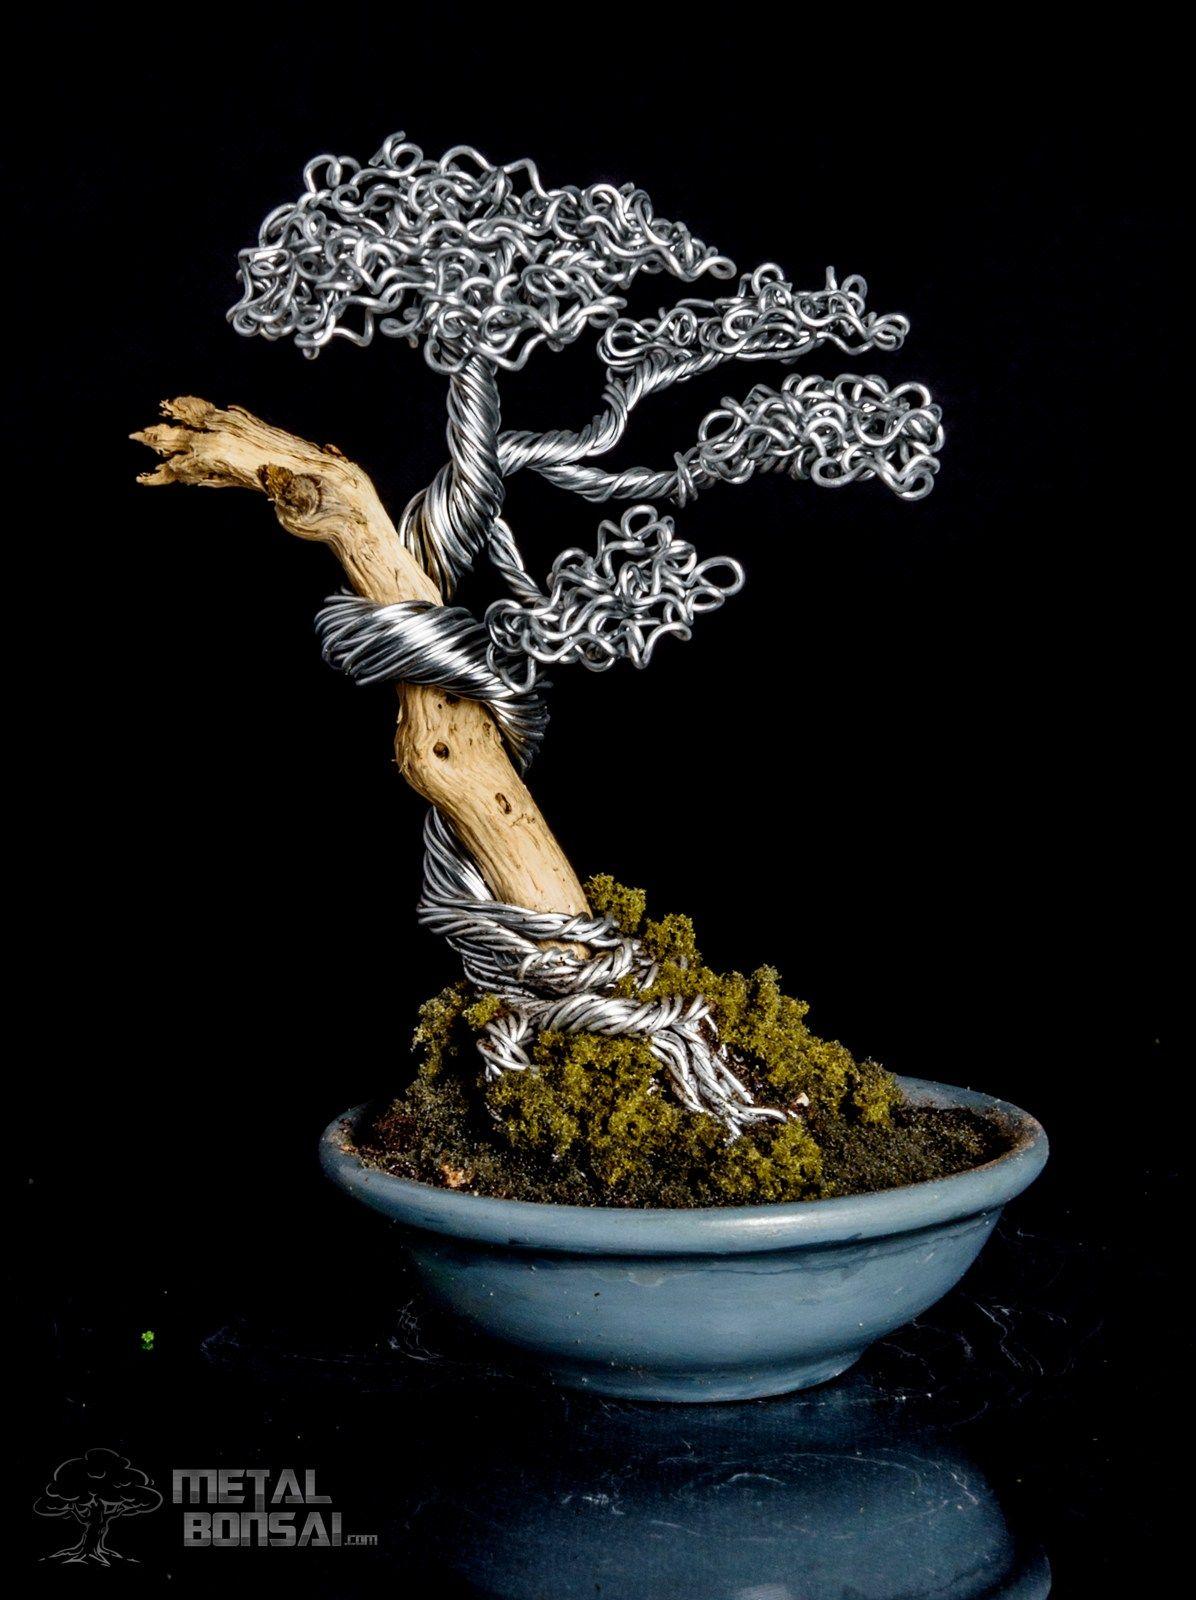 Metal Bonsai Tree : metal, bonsai, Metal, Bonsai, Sculptures, Sculpture,, Sculpture